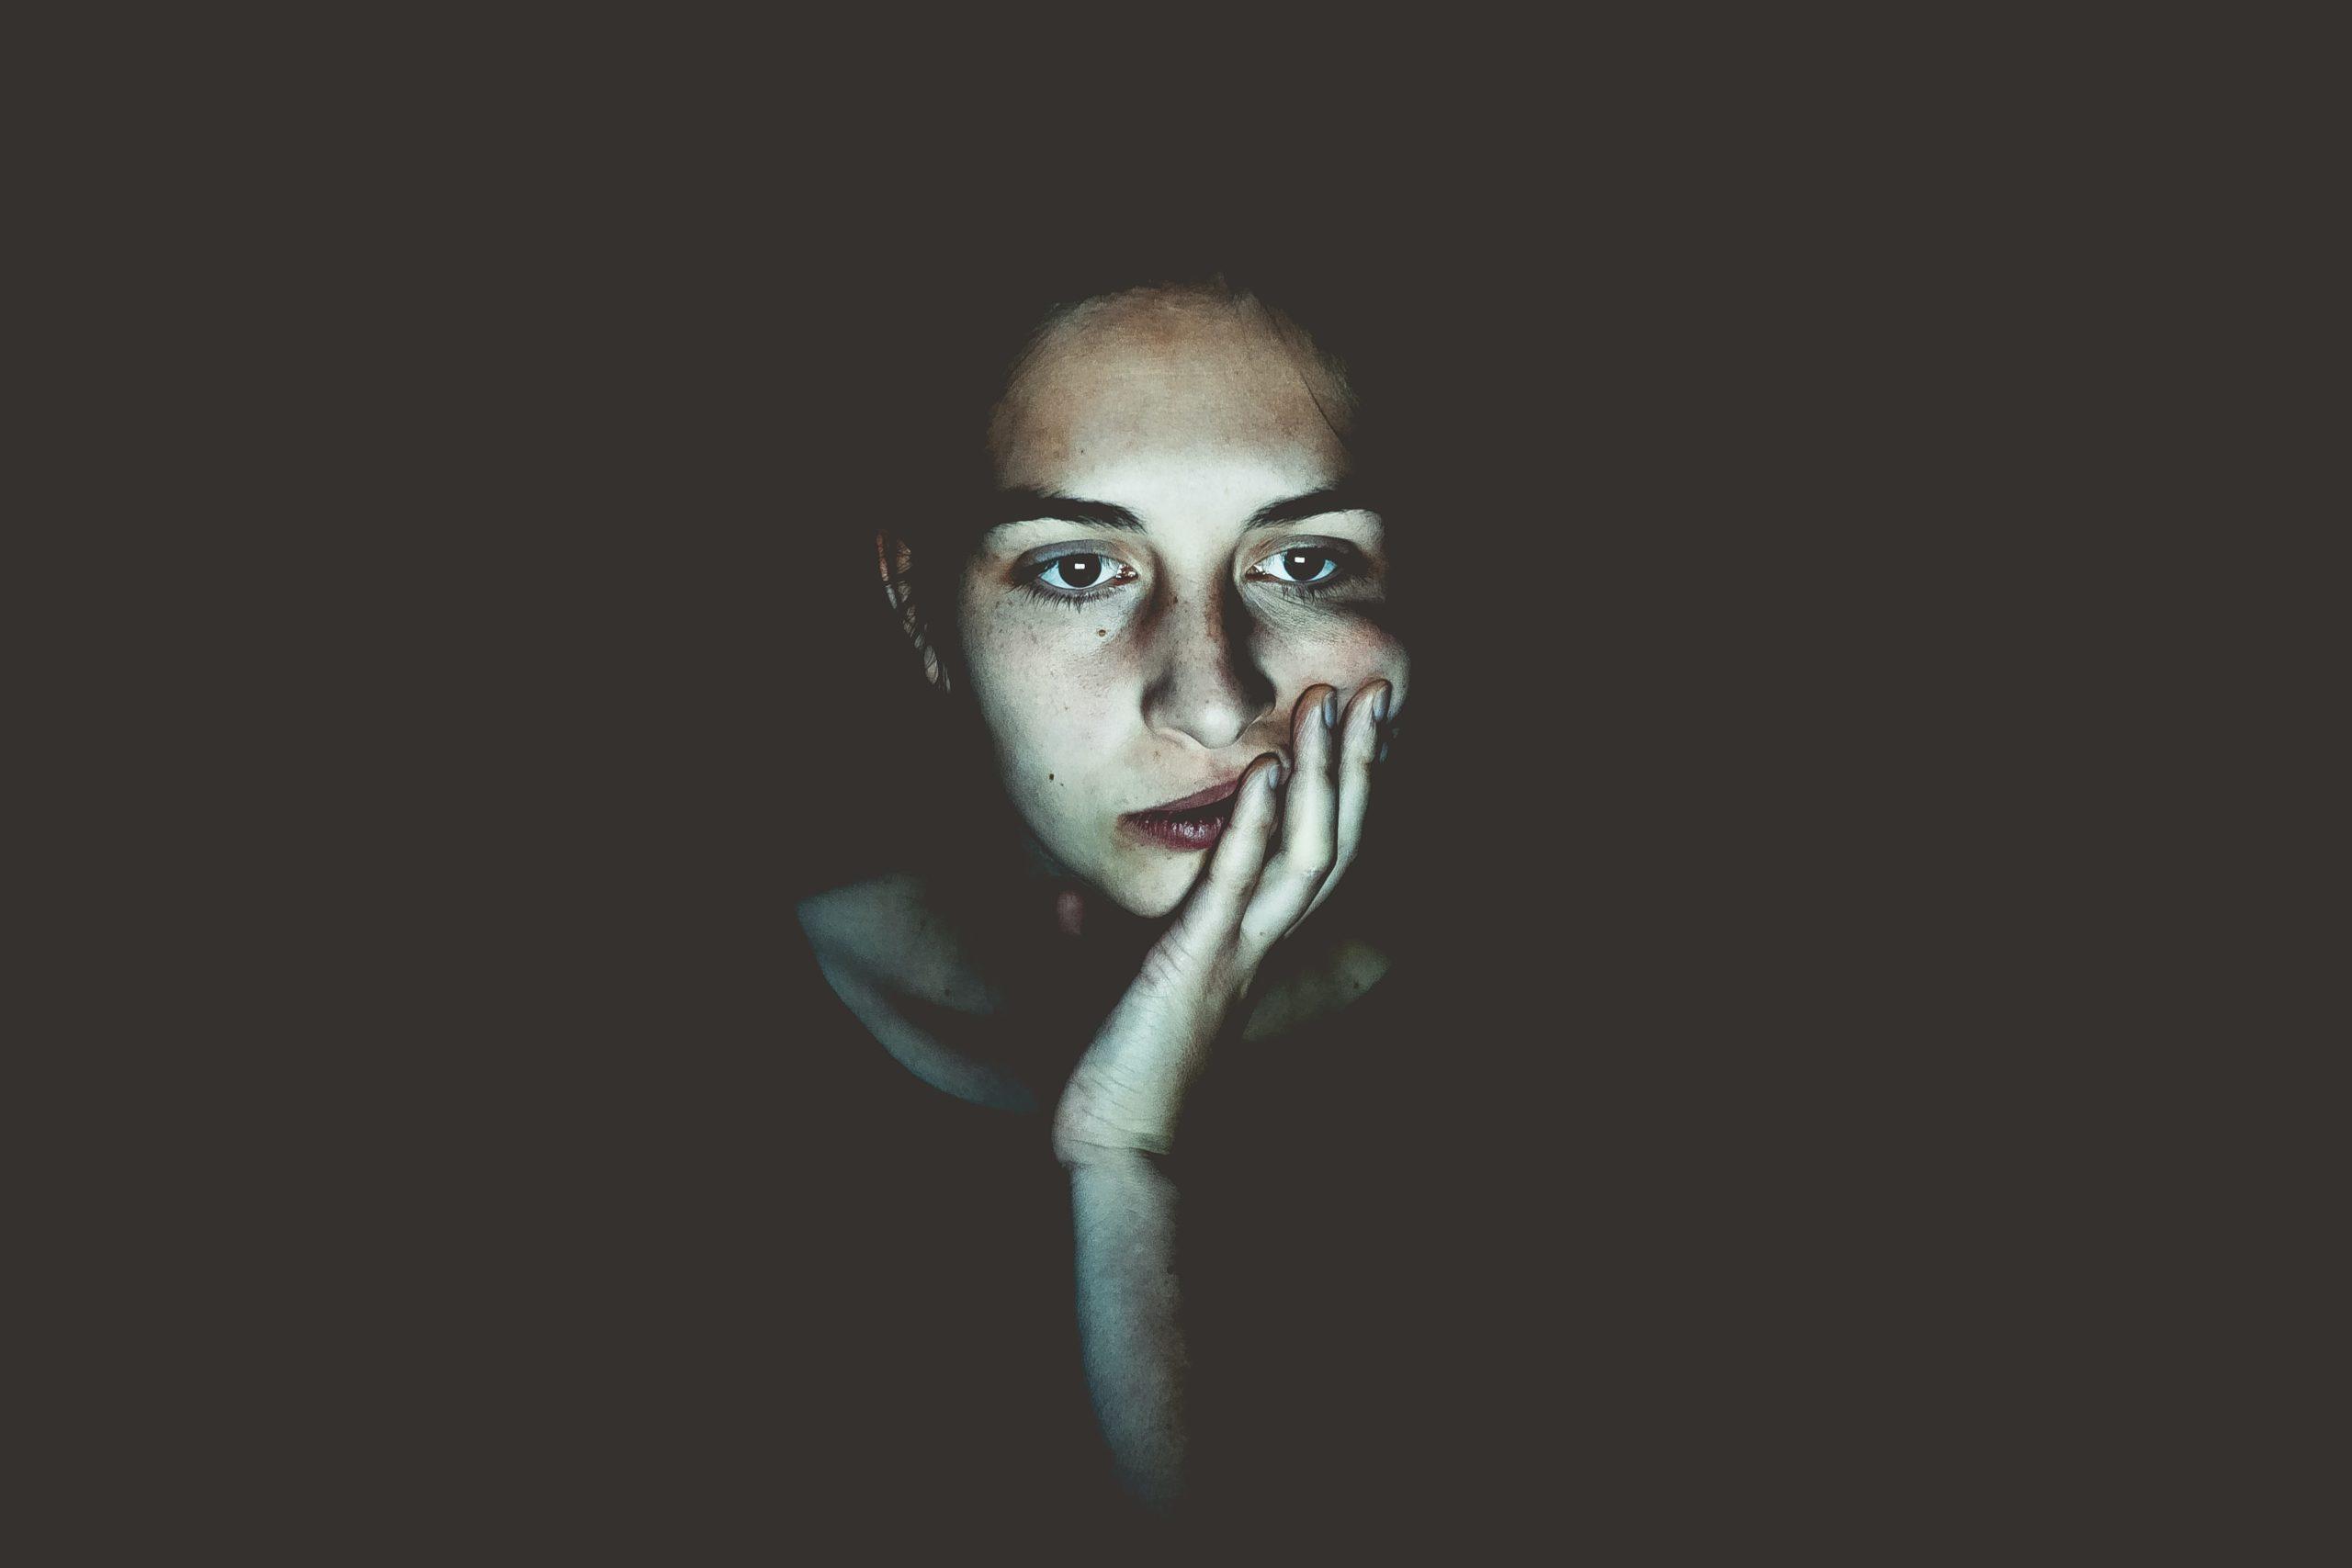 Uma mulher se sentindo nervosa pois não sabe o que fazer.